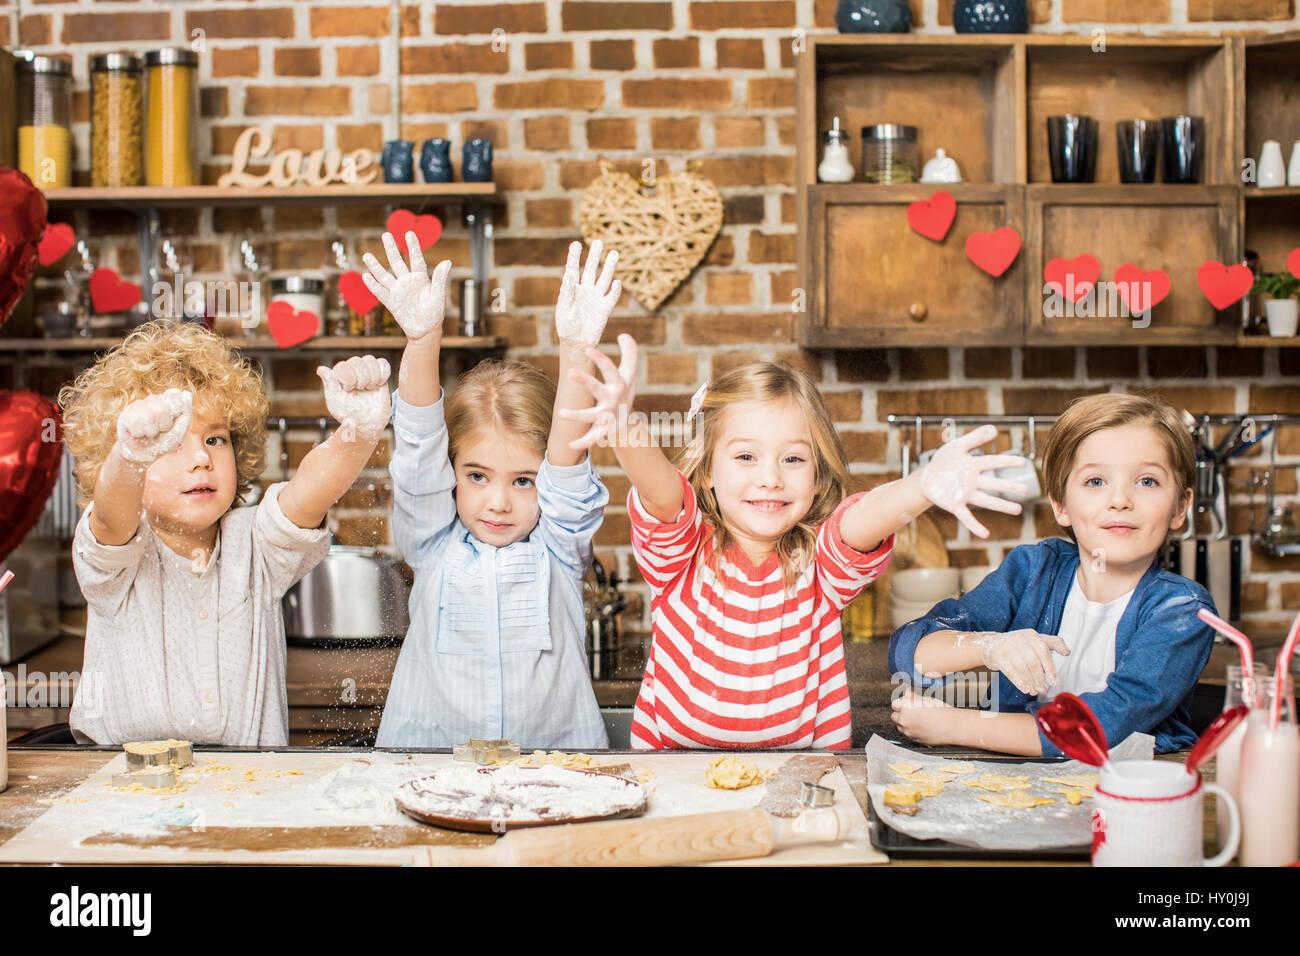 Entzückende glückliche Kinder kochen Kekse und Hände in Mehl Stockbild